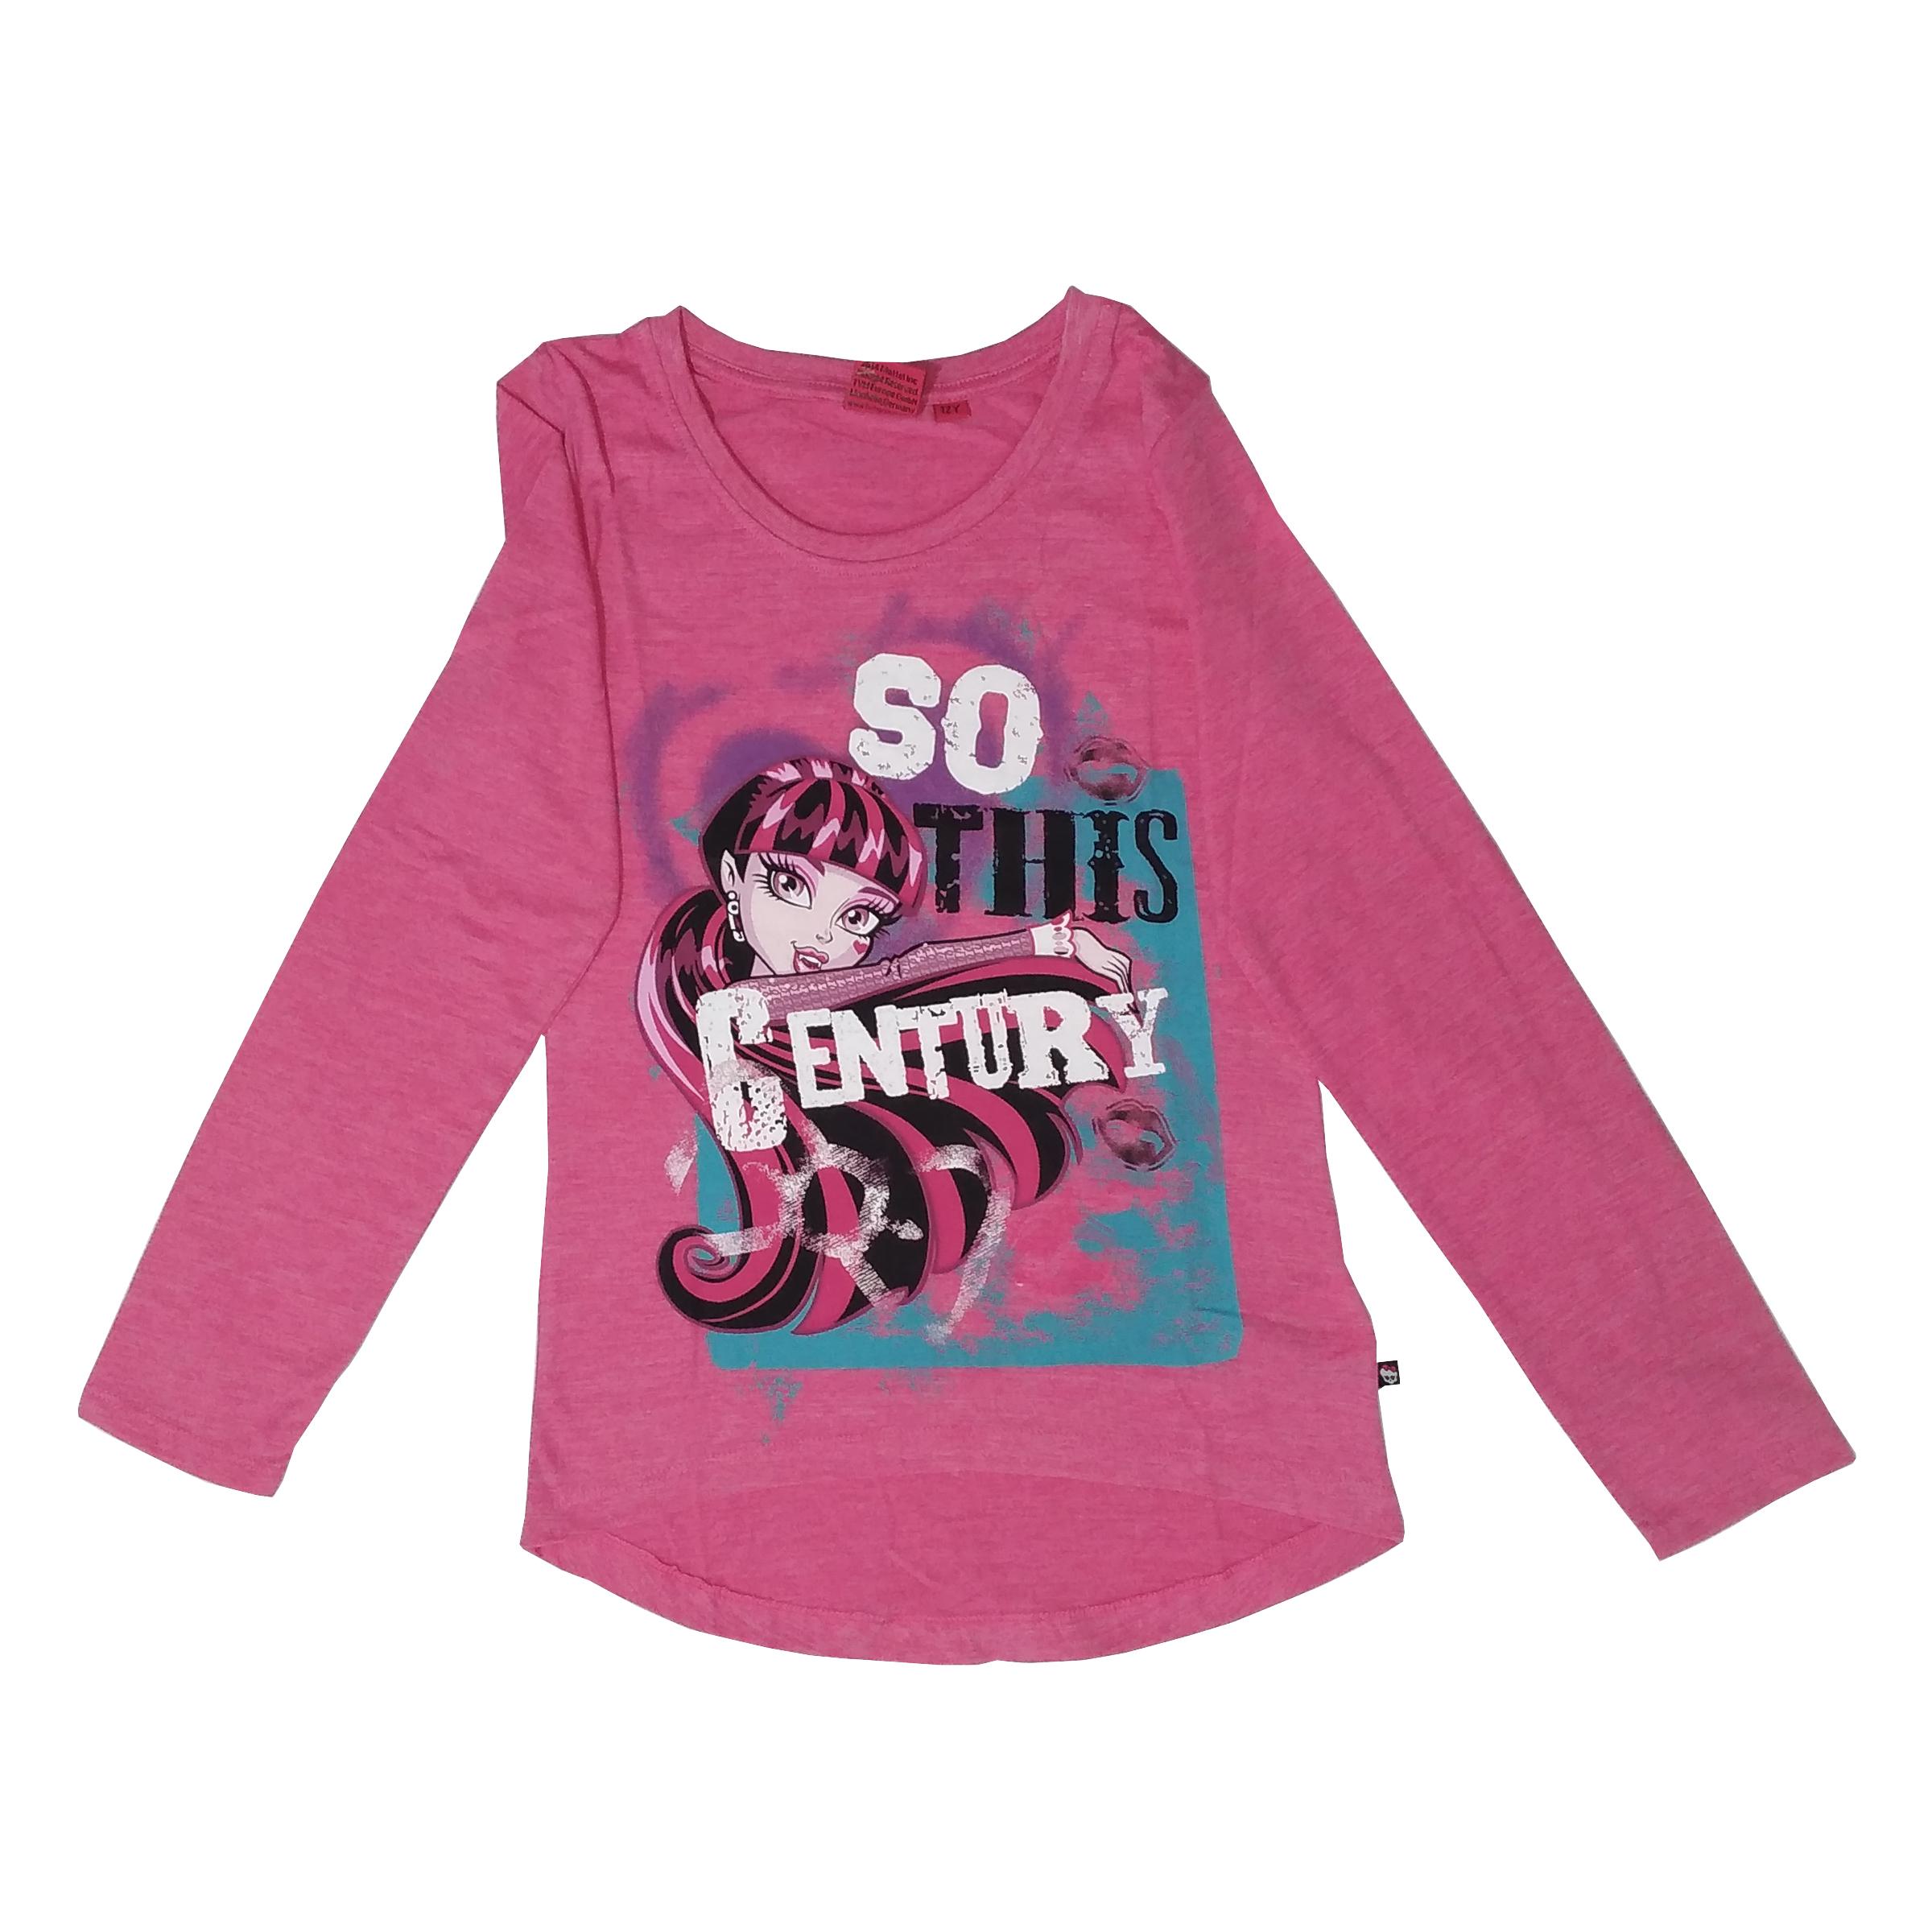 تی شرت آستین بلند دخترانه مانستر های مدل 11-13-17